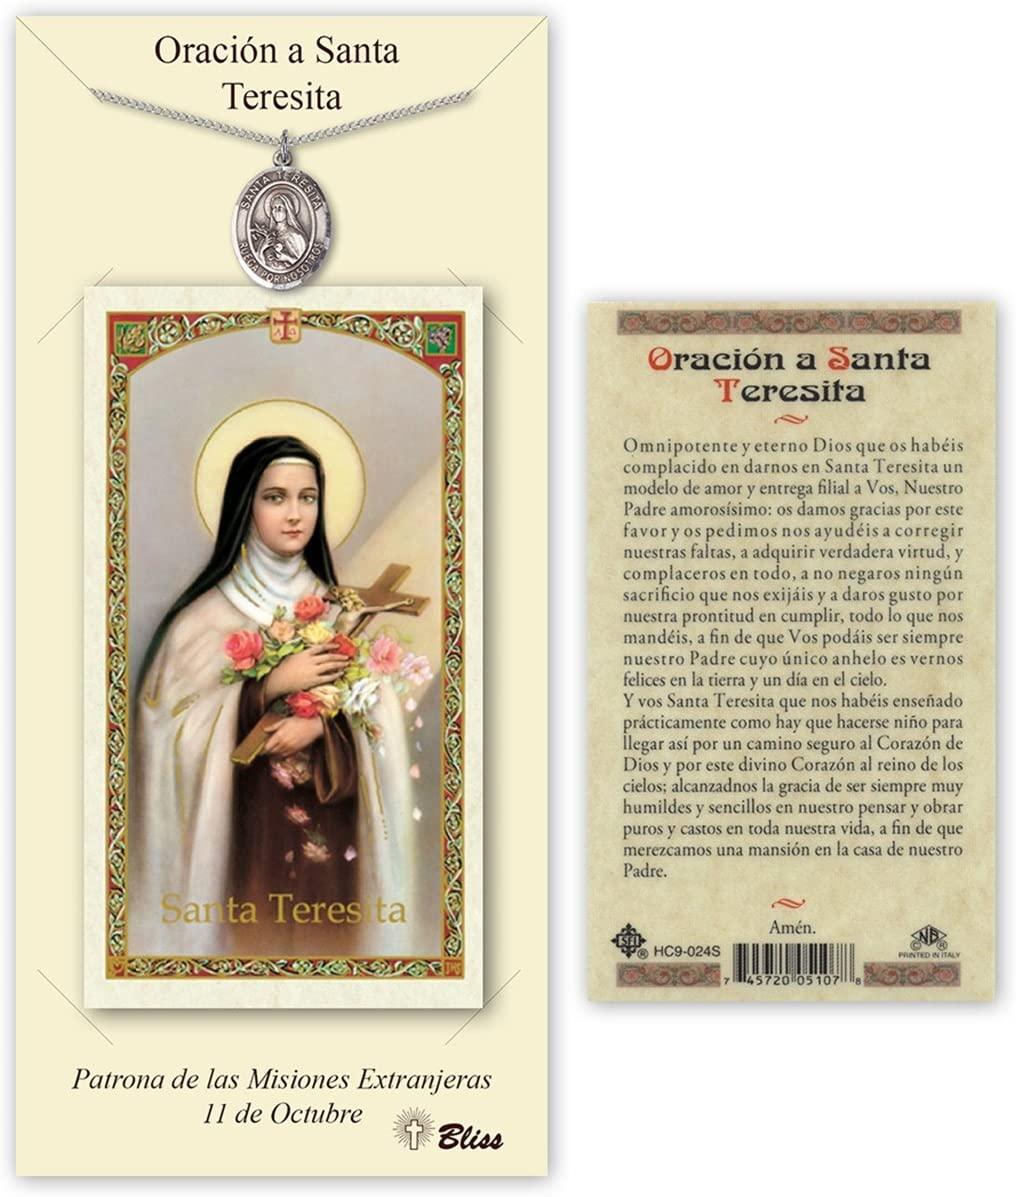 Pewter Santa Teresita Medal with Laminated Holy Prayer Card